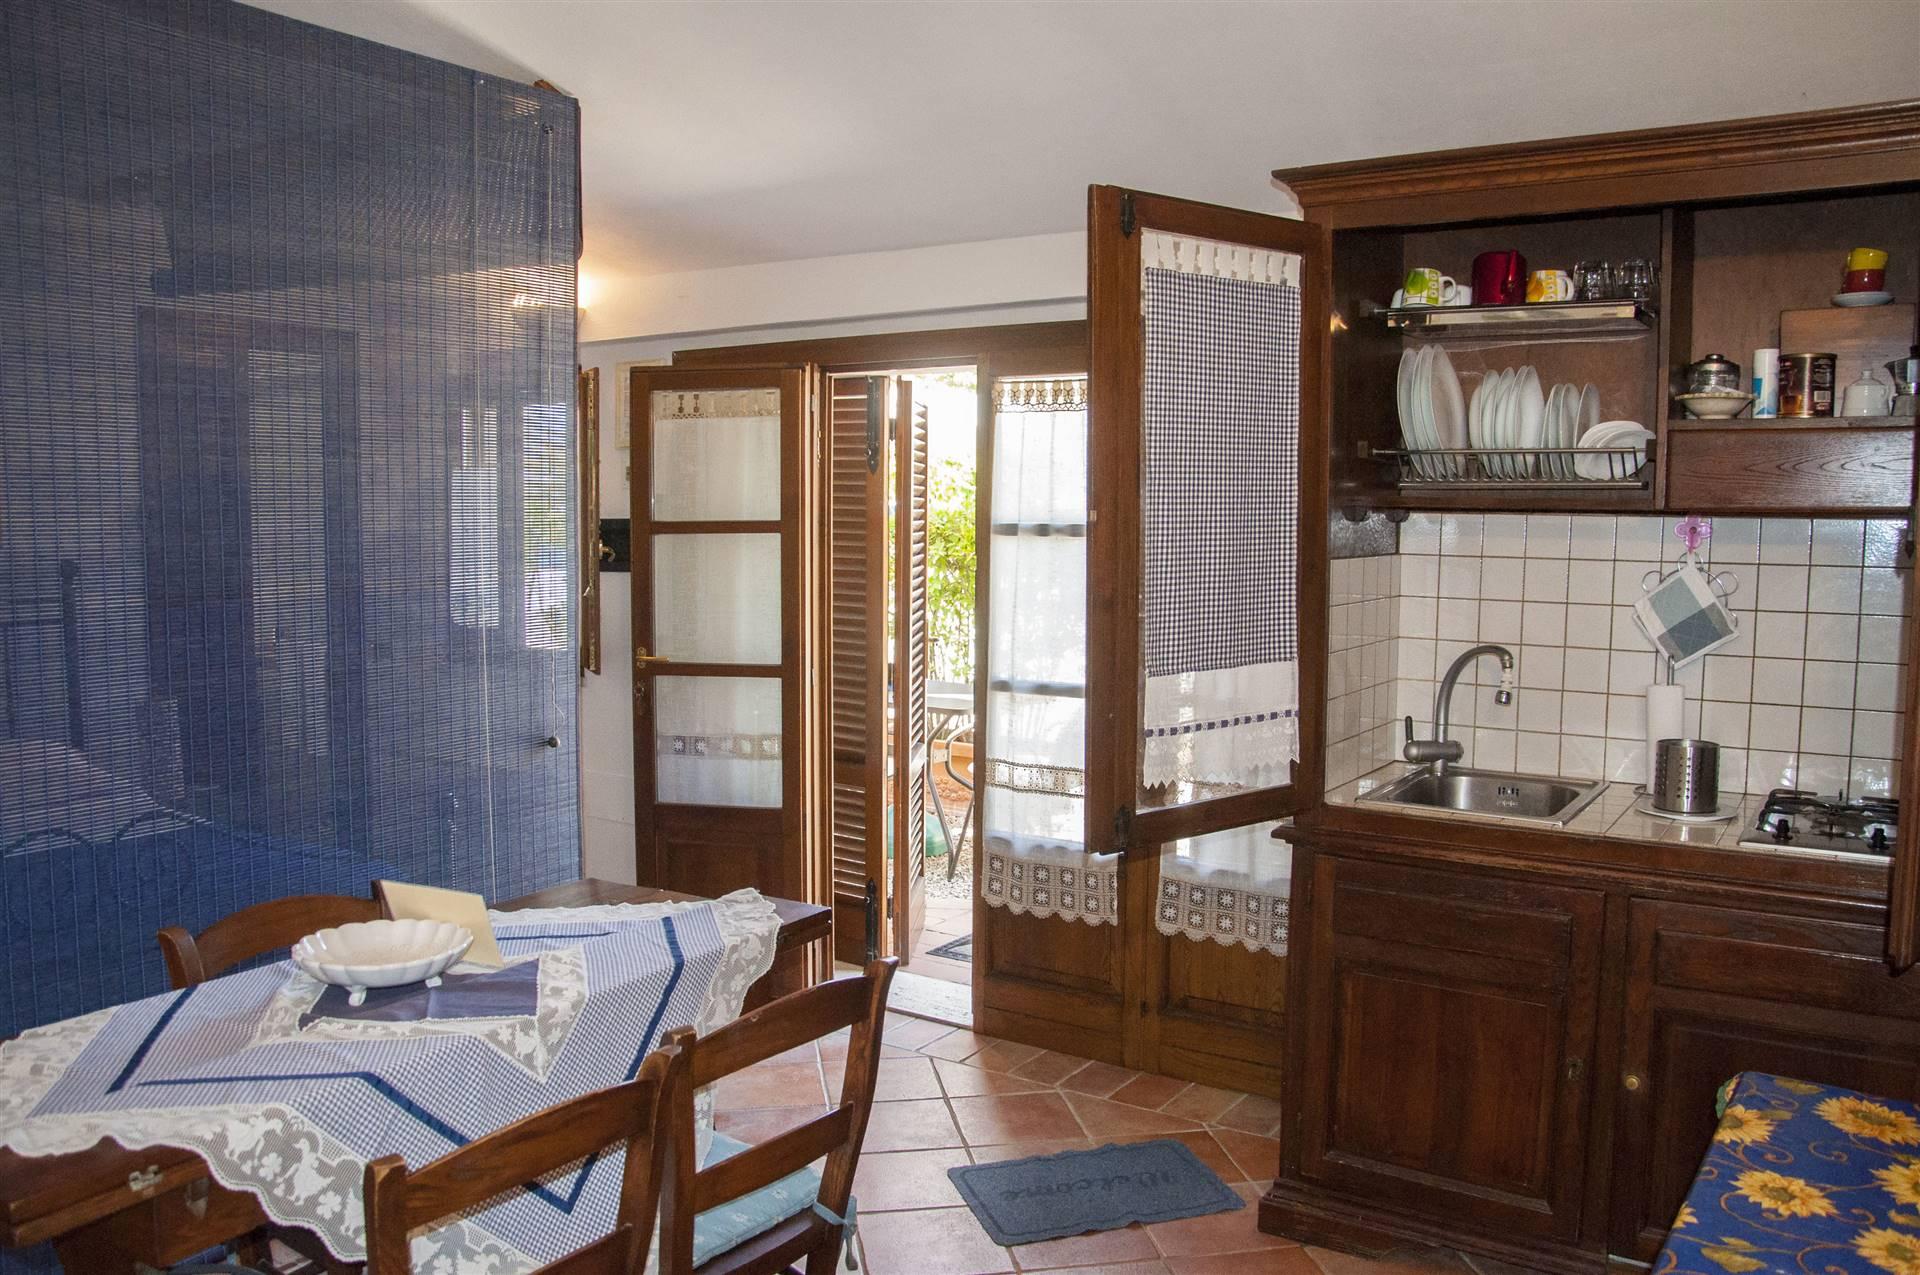 Soluzione Indipendente in affitto a Monteriggioni, 2 locali, zona Località: LA TOGNAZZA, prezzo € 750 | CambioCasa.it